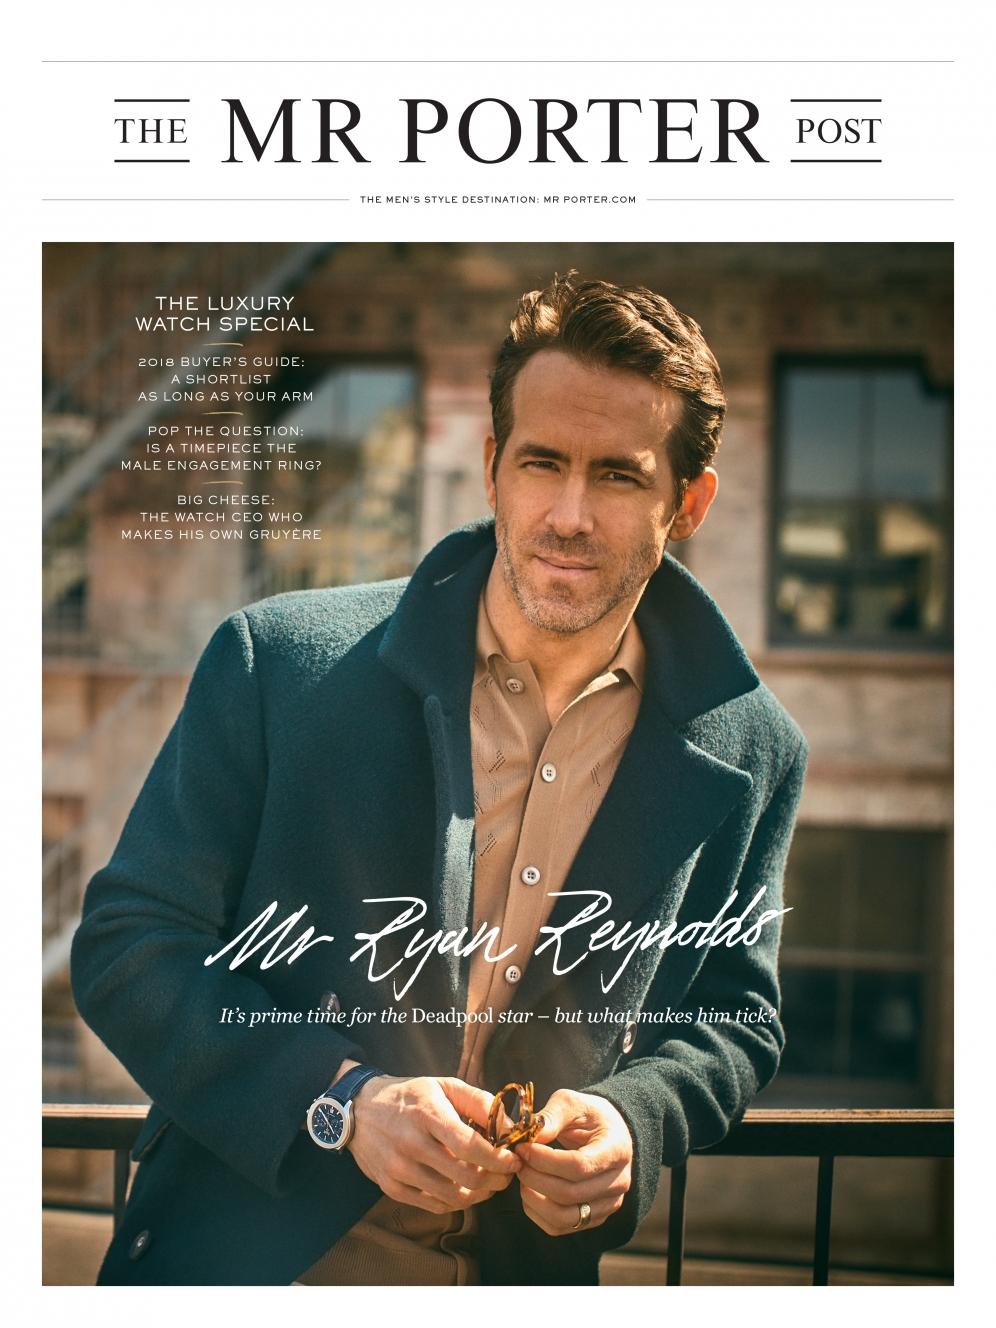 Mr. Porter | Ryan Reynolds